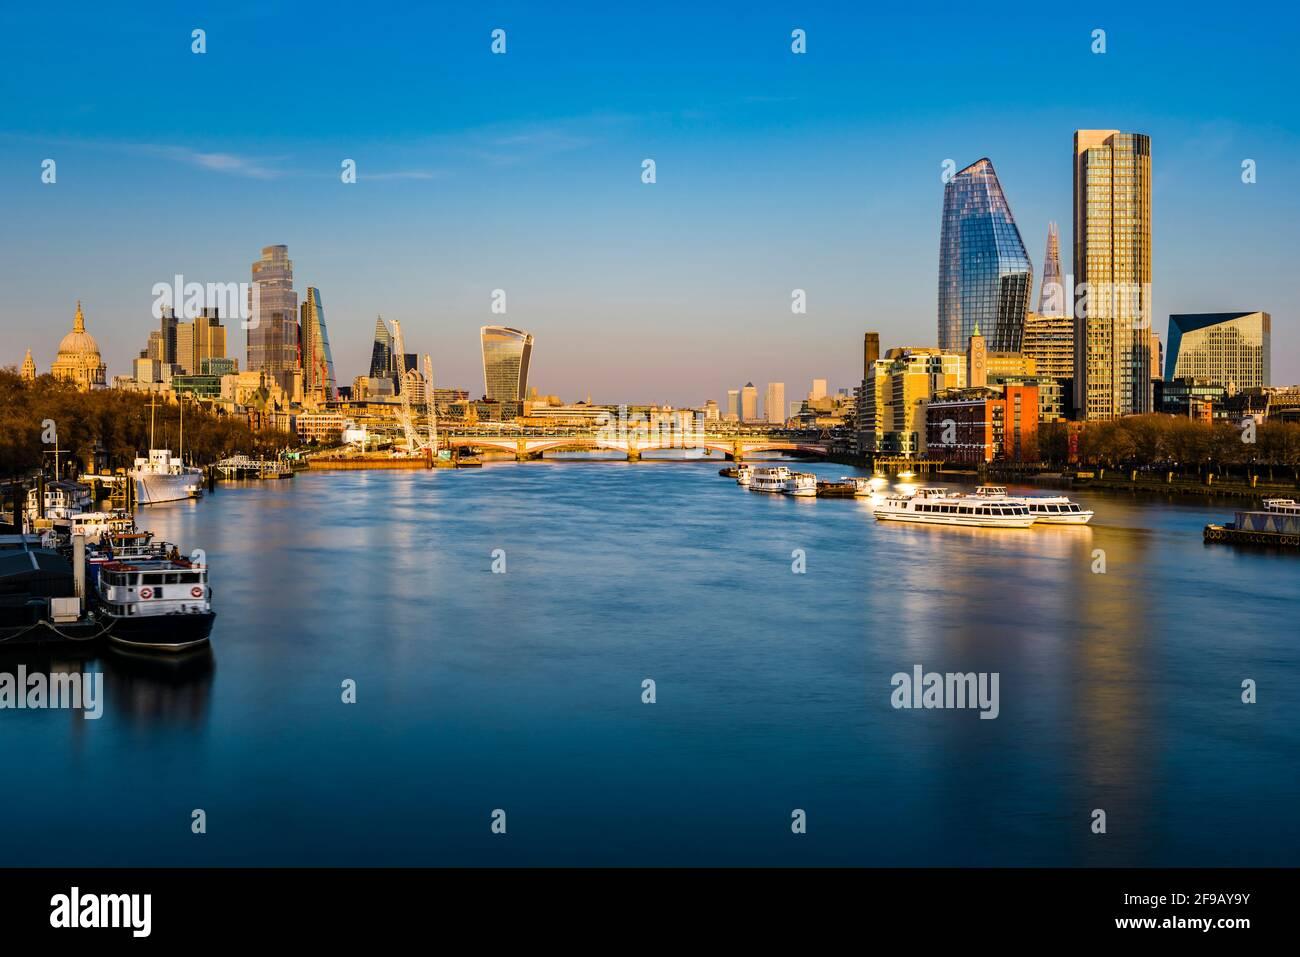 Brillo dorado de la puesta de sol sobre el puente Blackfriars y la ciudad de Londres desde el puente Waterloo, Londres, Reino Unido Foto de stock